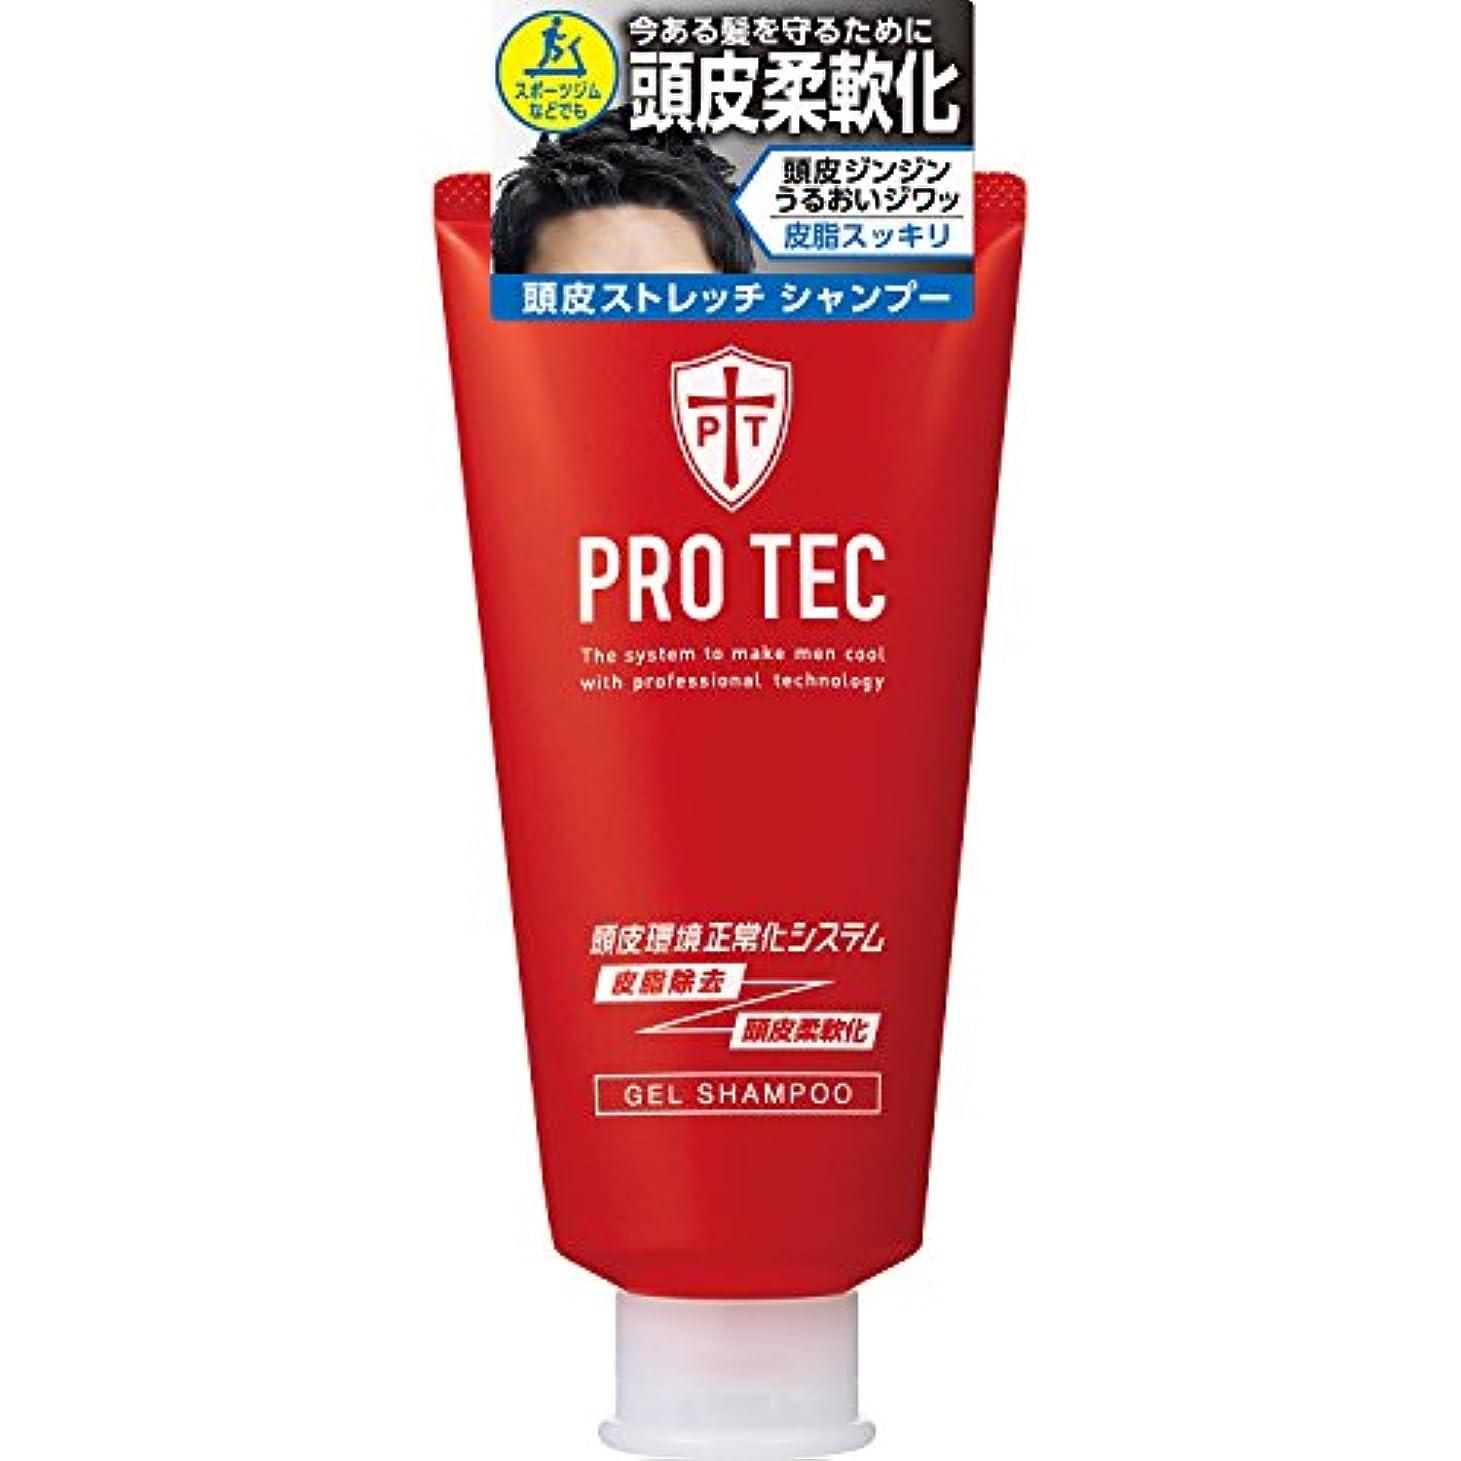 眠いです毛布軸PRO TEC(プロテク) 頭皮ストレッチ シャンプー チューブ 150g(医薬部外品)